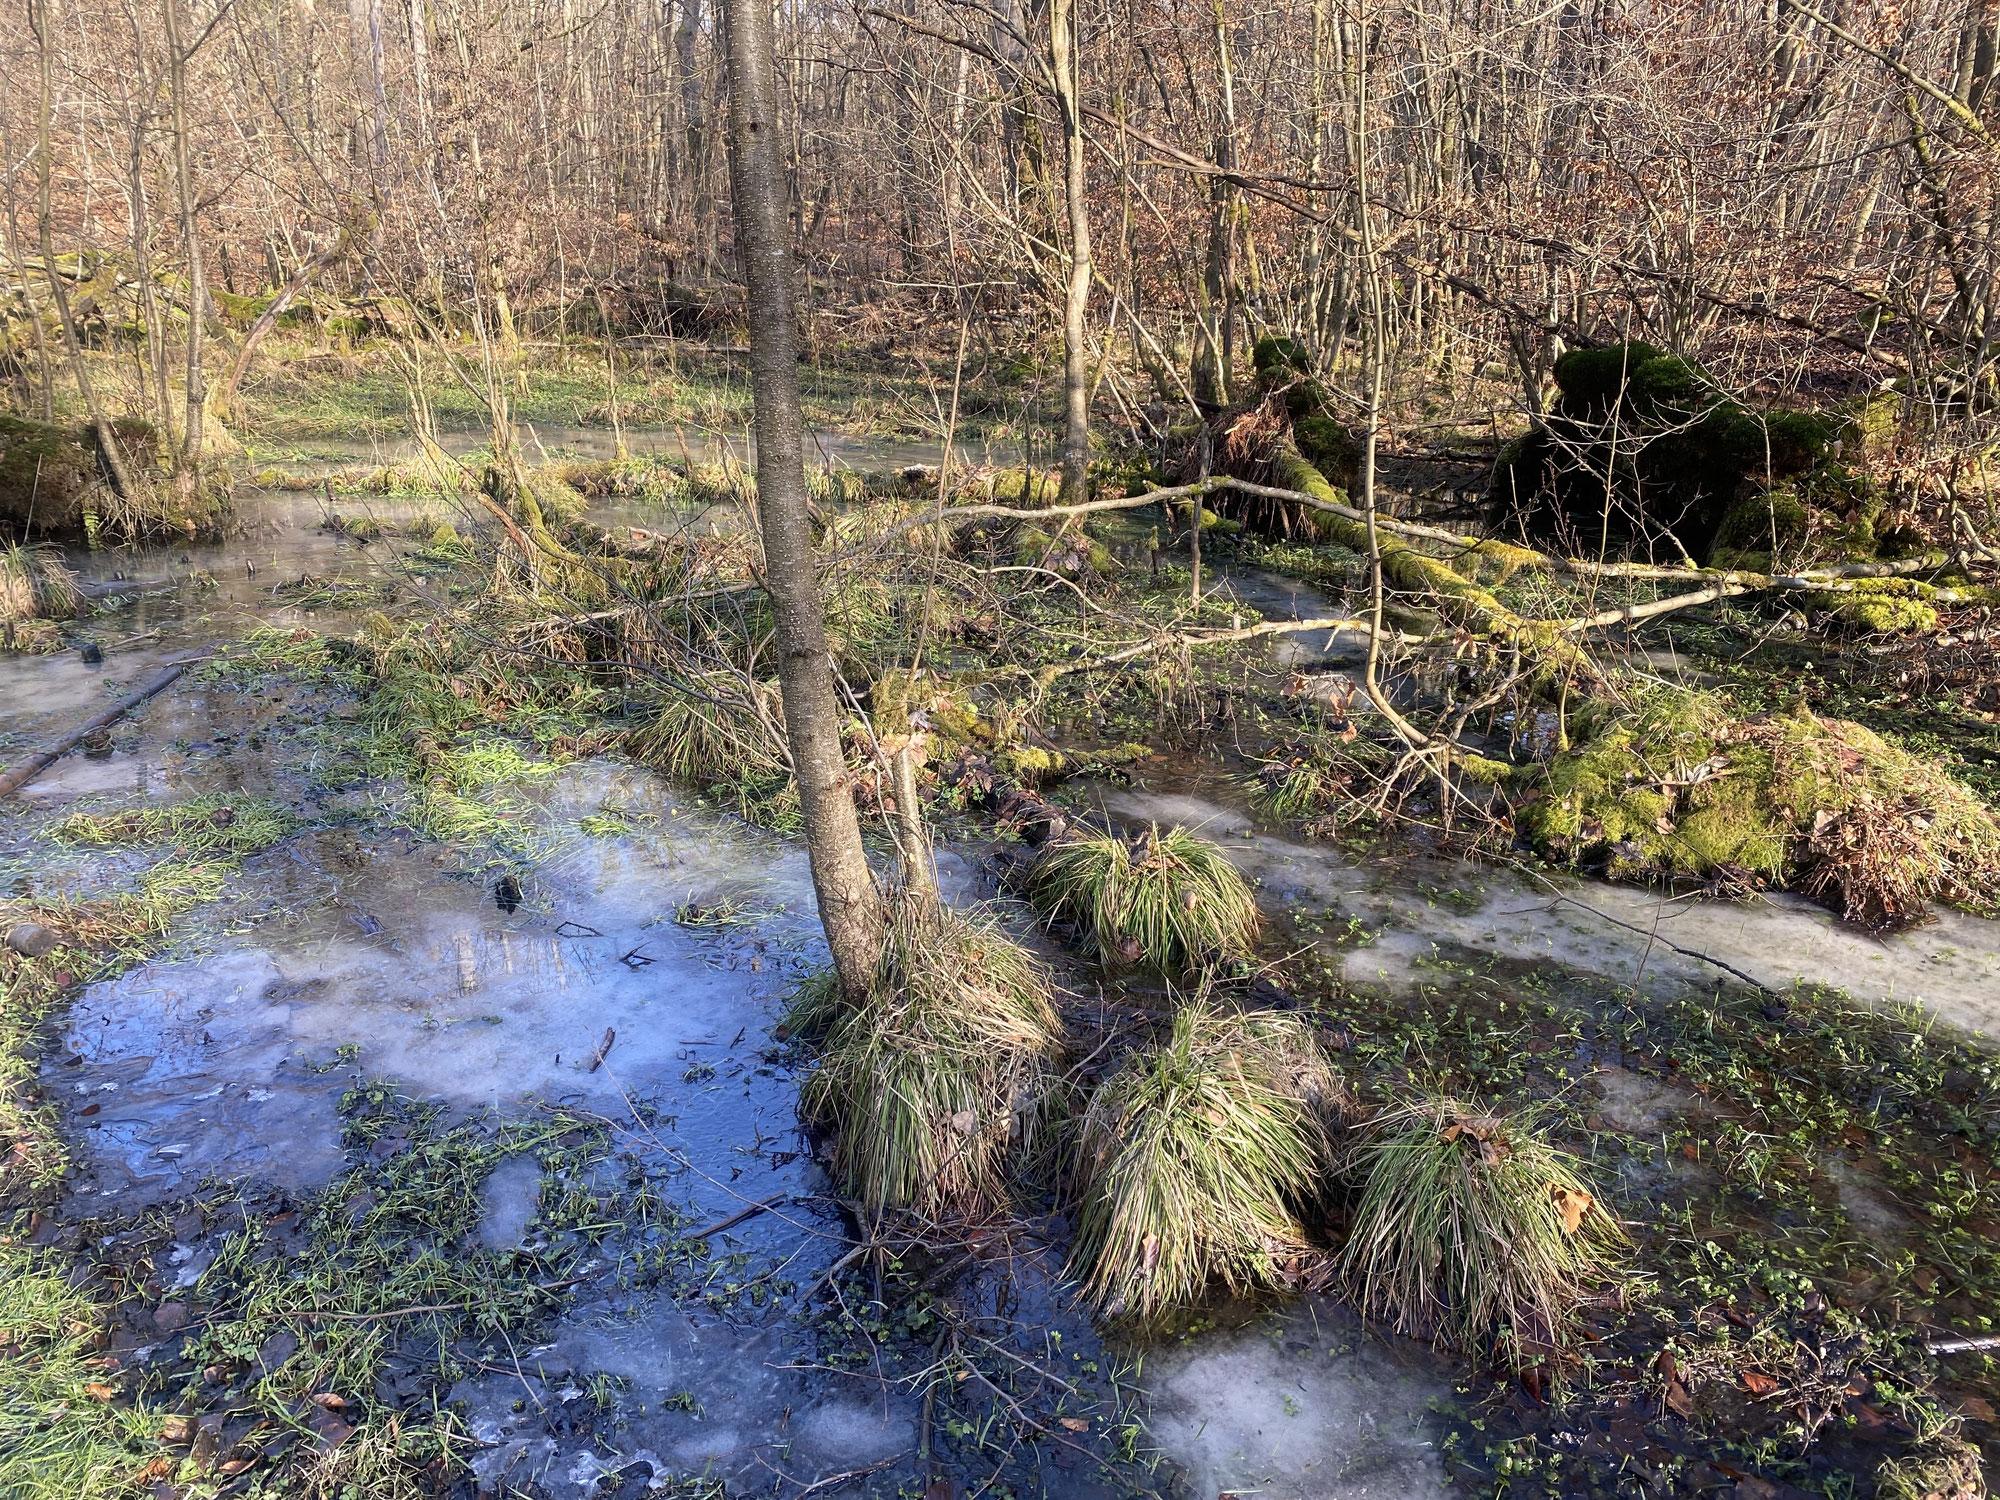 Vom Naturschutzgebiet Rodenbeker Quellental ins Naturschutzgebiet Wohldorfer Wald